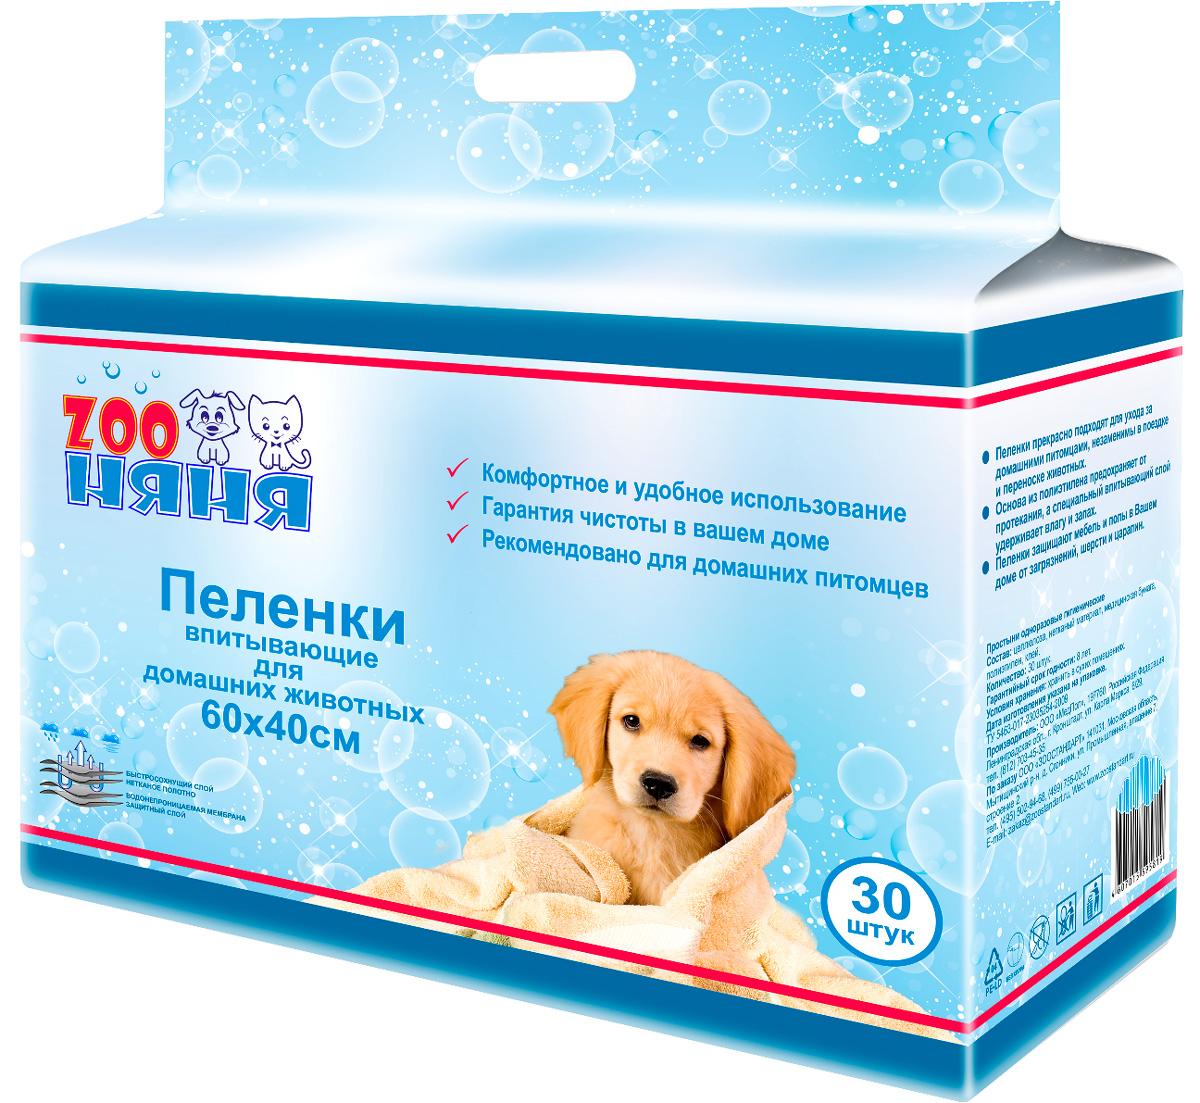 ZooНяня пеленки впитывающие для животных 60 х 40 см (5 шт)